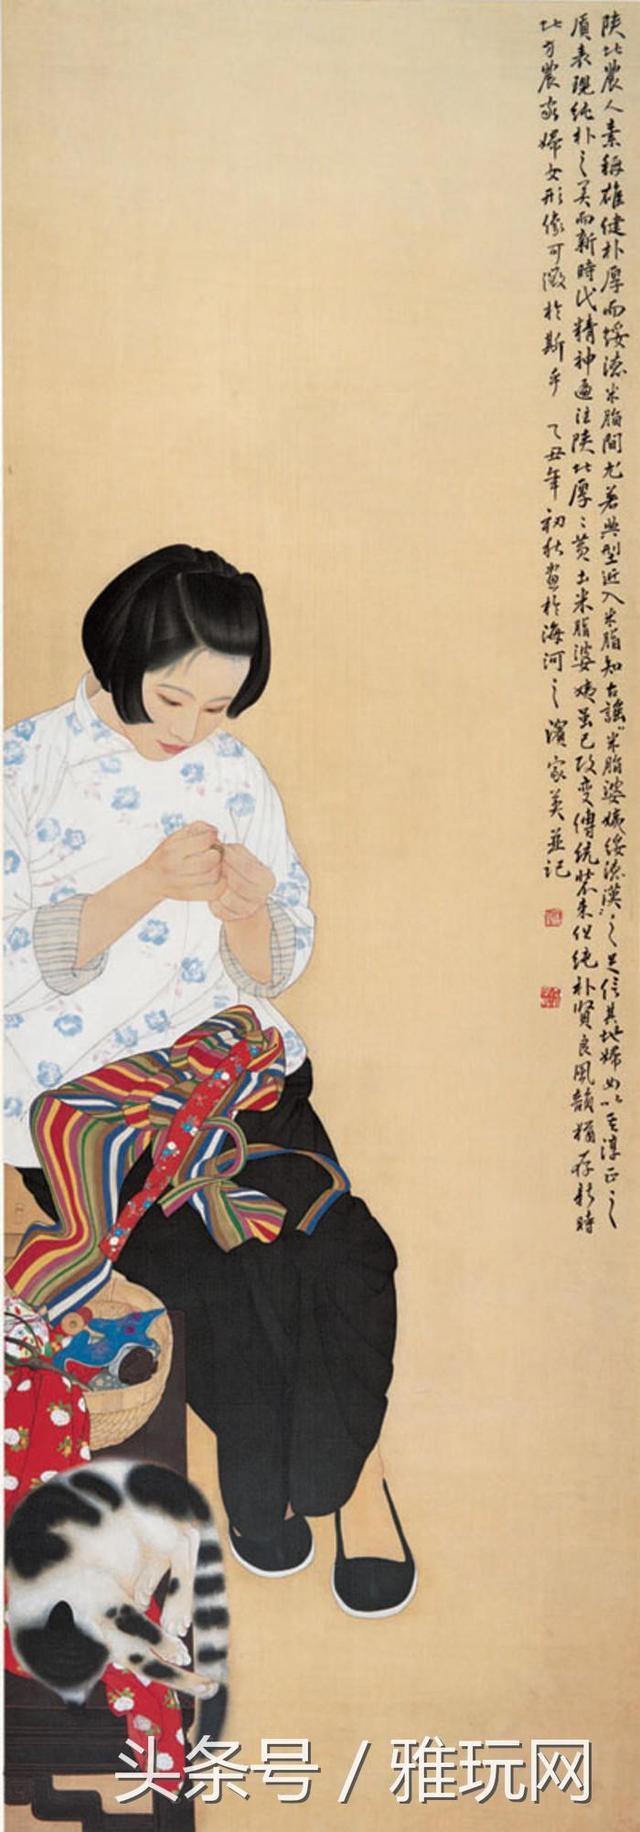 國畫榜:何家英作品《米脂婆姨》總分88 - 每日頭條